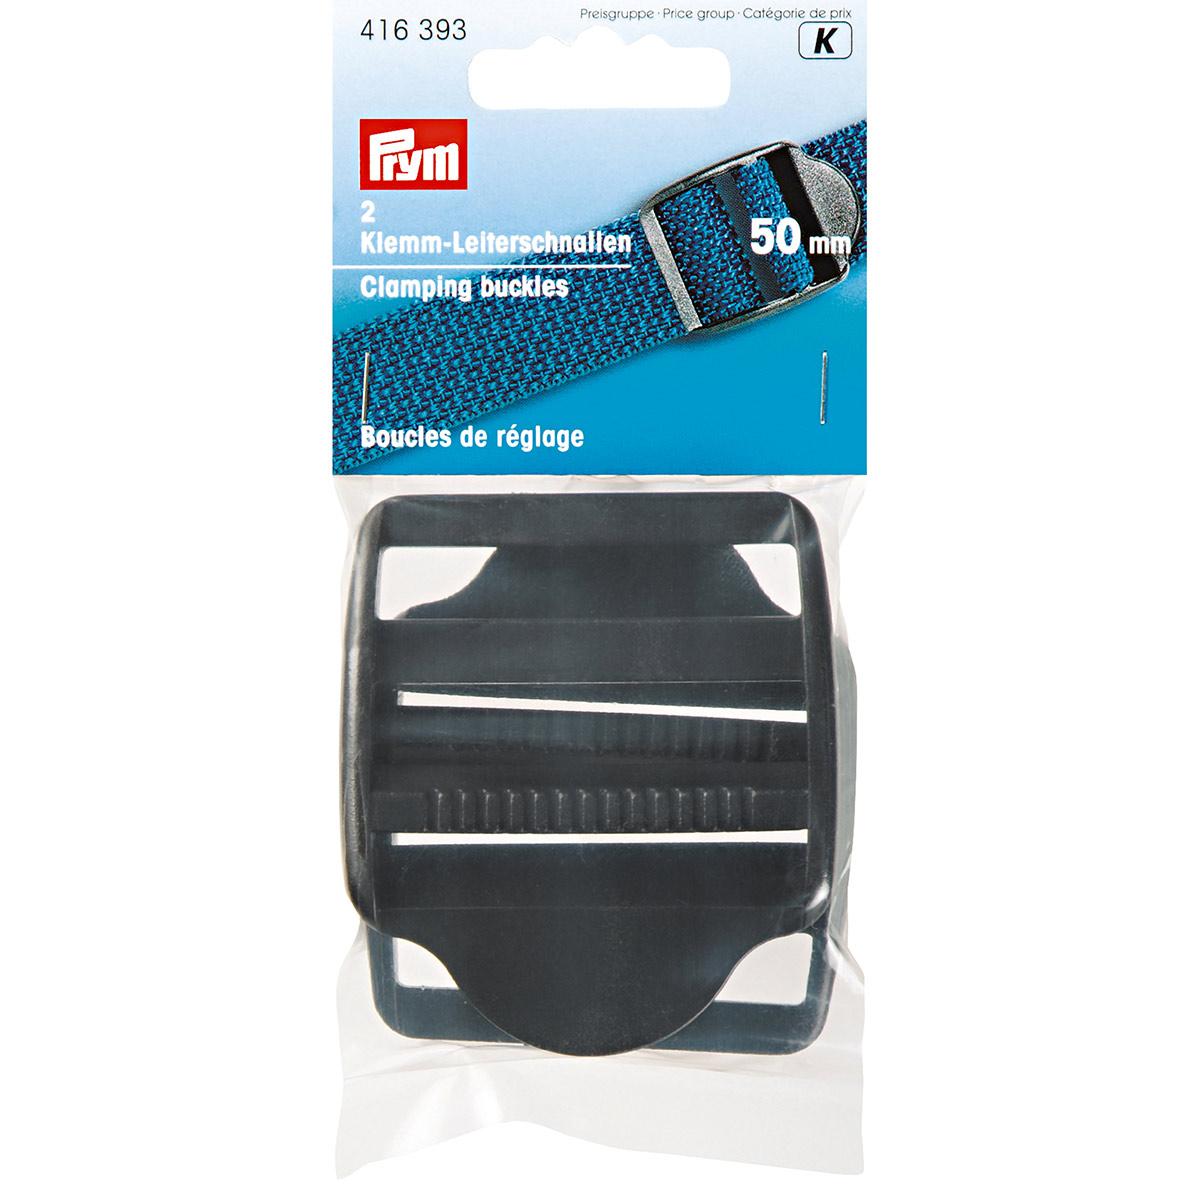 416393 Пряжка регулировочная с фиксатором, пластик, черный, 50 мм, упак./2 шт., Prym